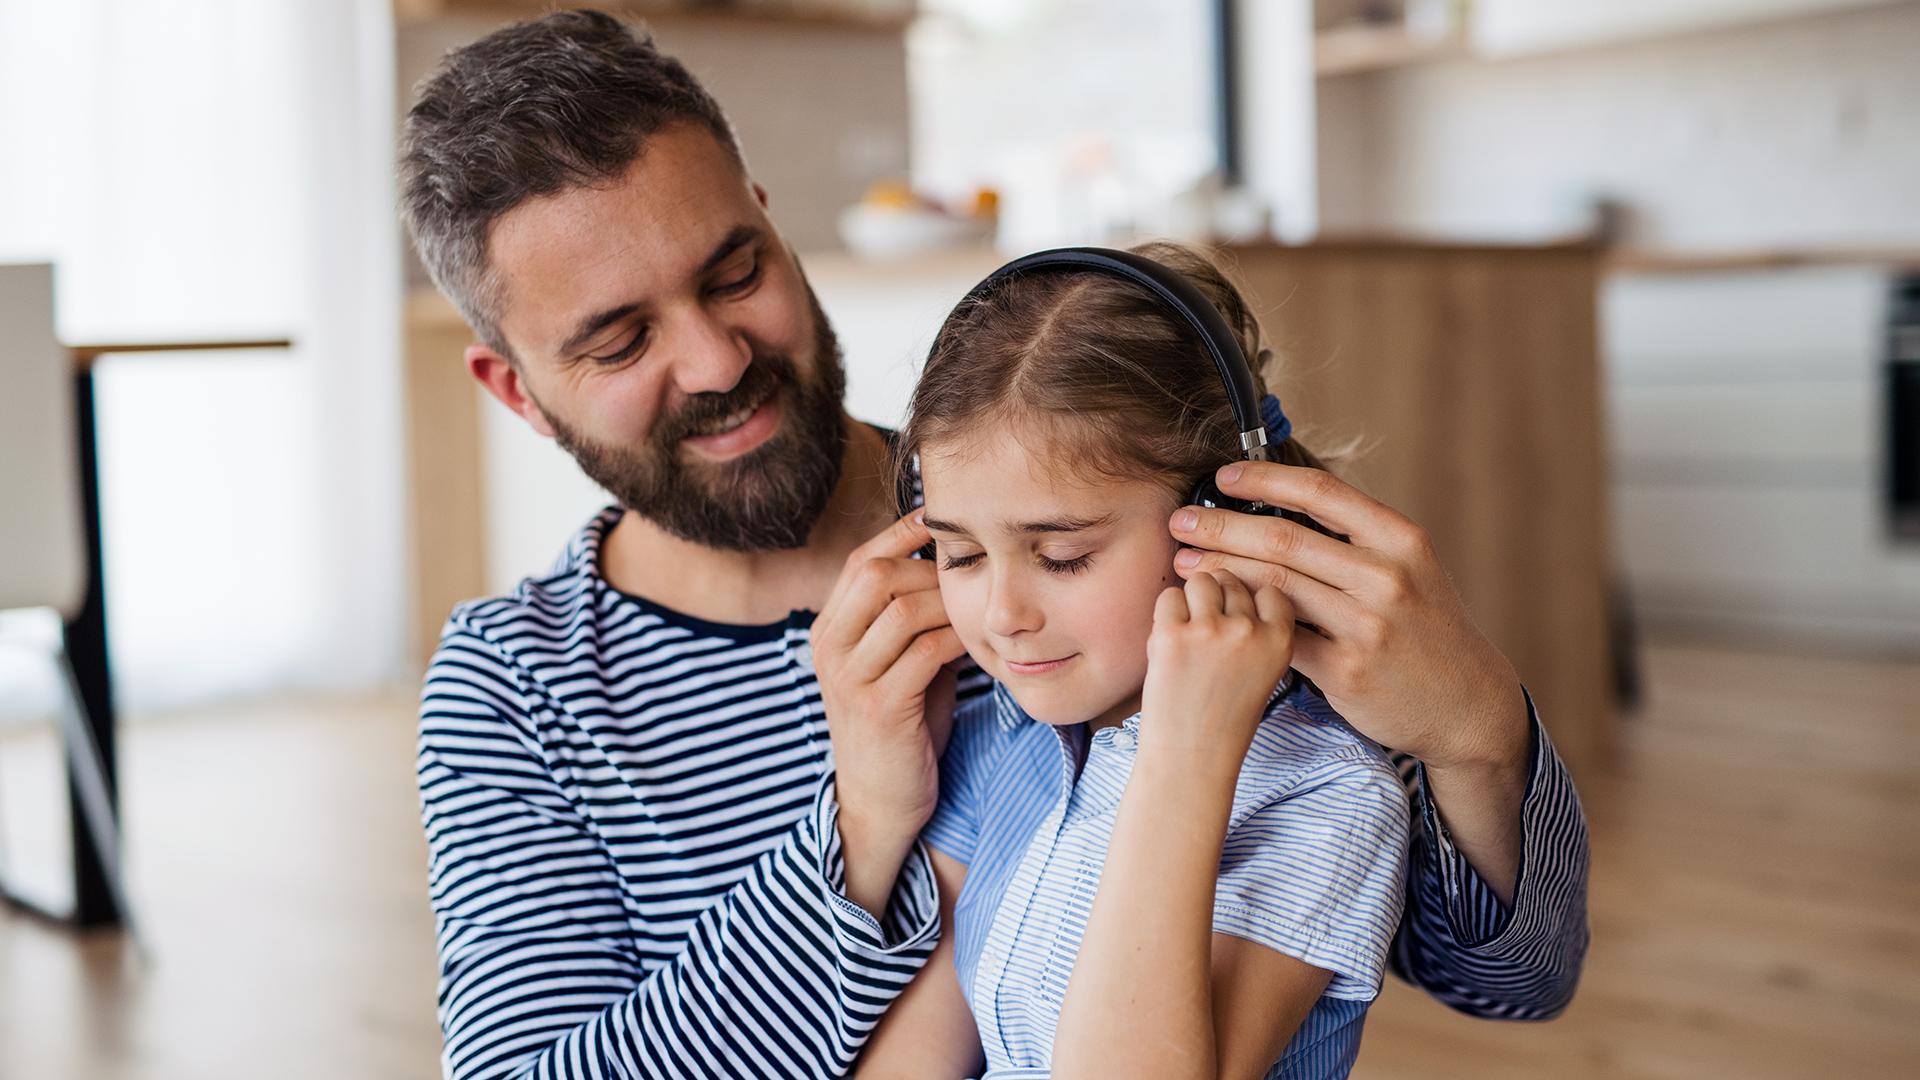 Egy 3 éves kislány és az apukája összerakták az év bulialbumát